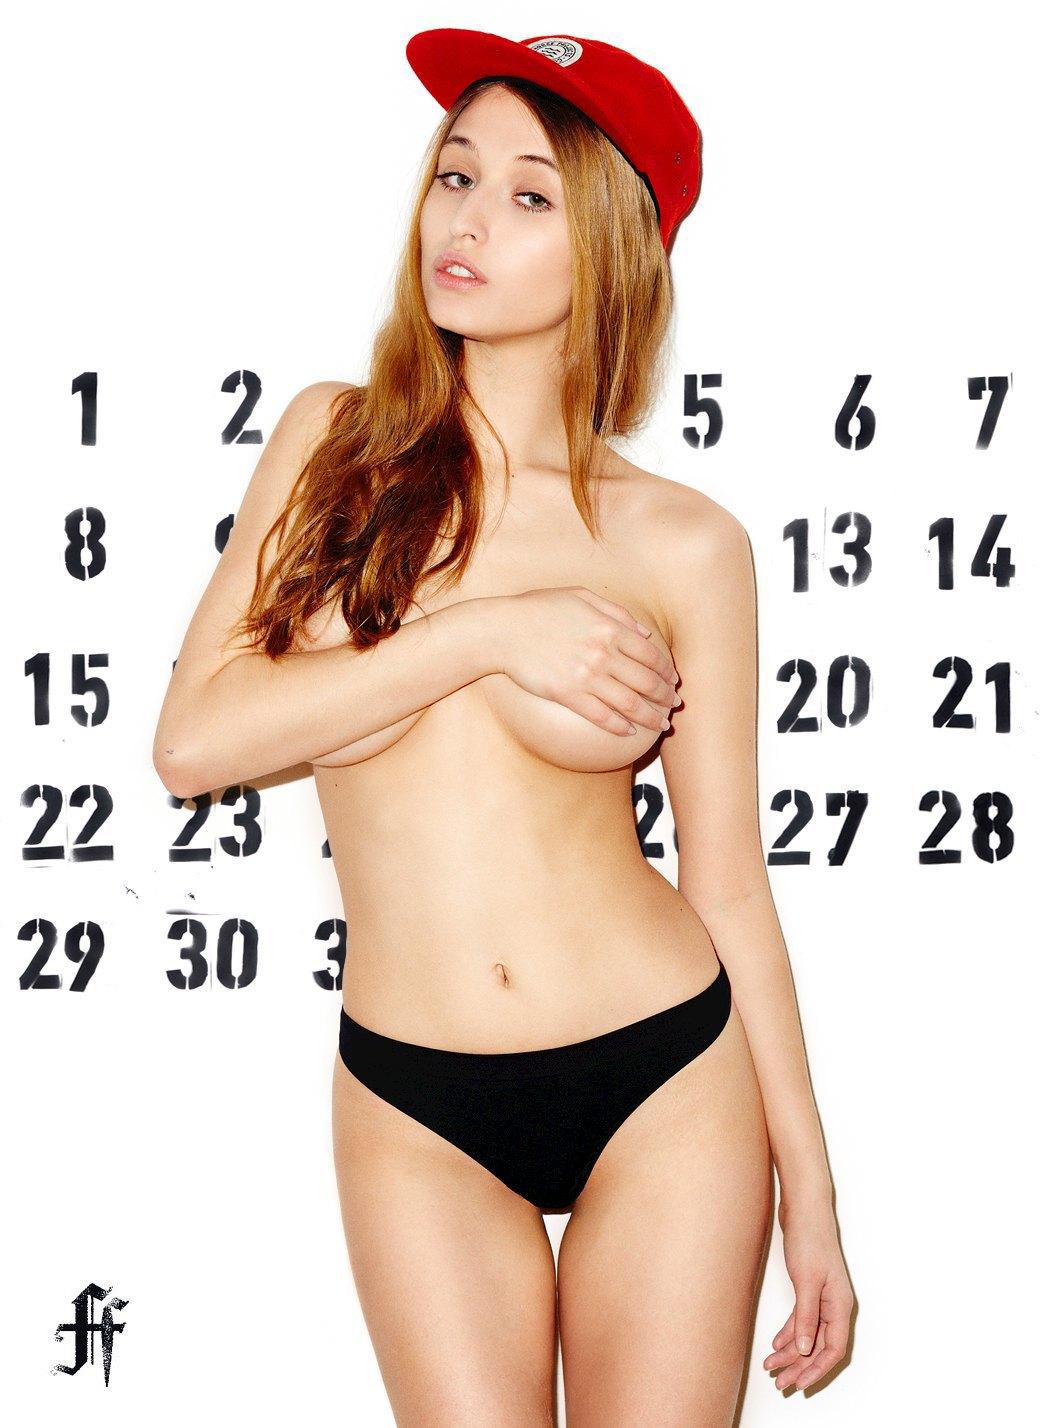 Календарь FURFUR на 2013 год: Июль. Изображение № 1.